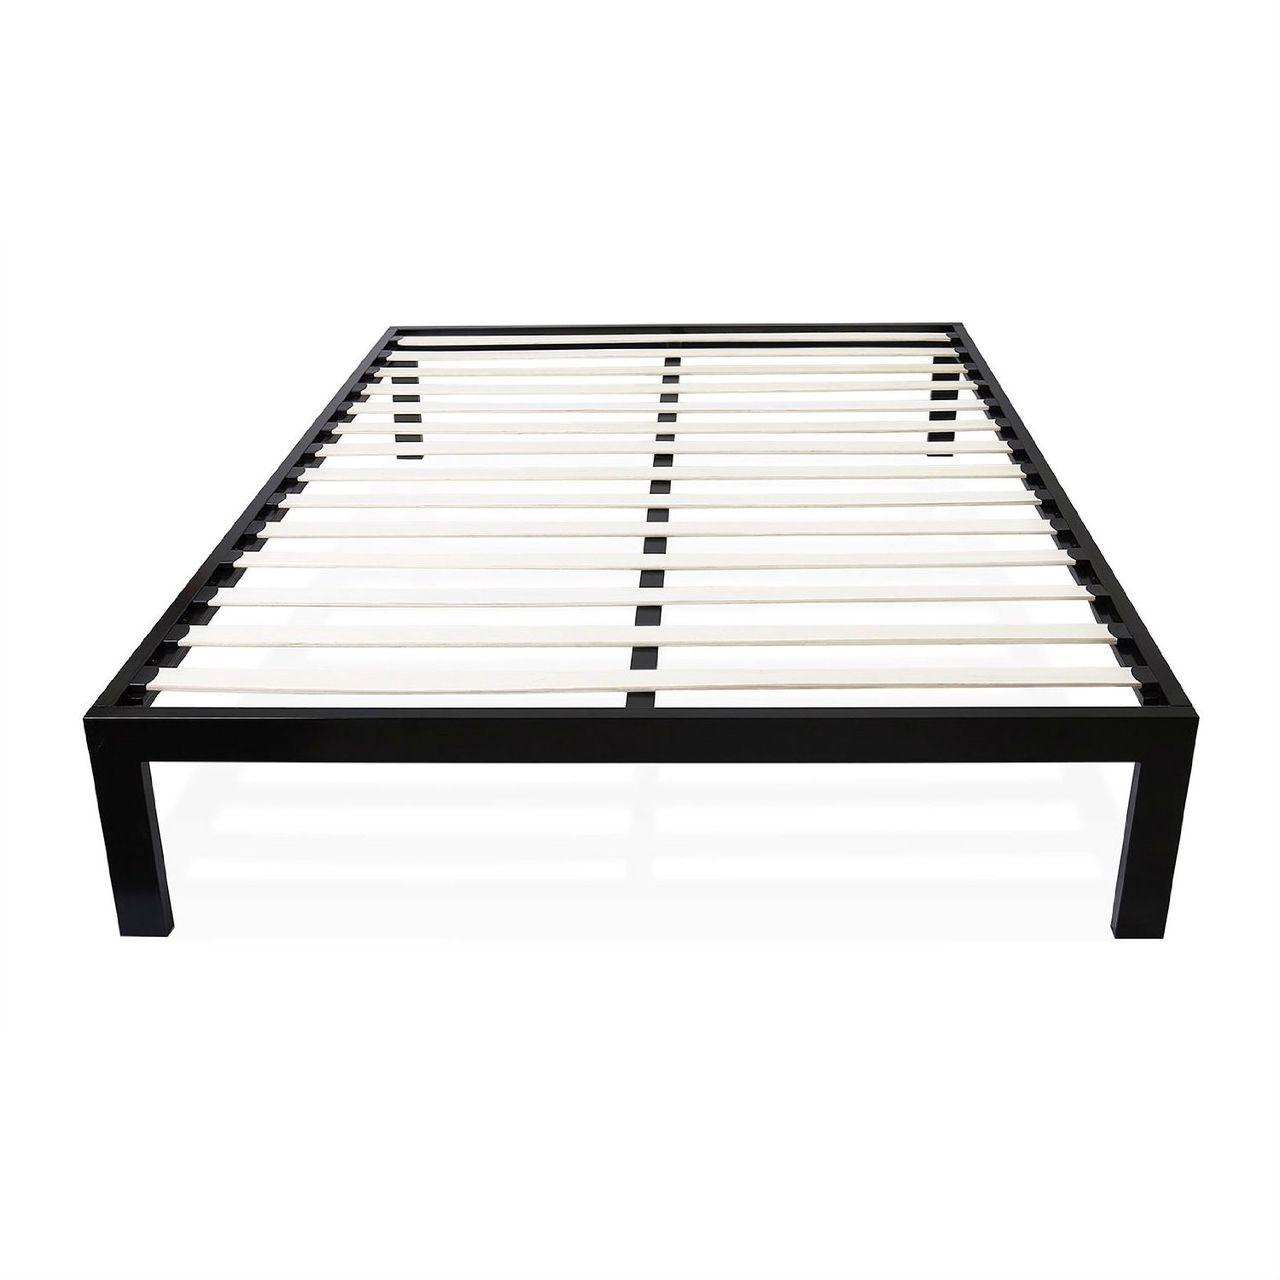 Full Simple Black Metal Bed Frame Platform With Wooden Slats Metal Platform Bed Full Metal Bed Frame Black Wood Bed